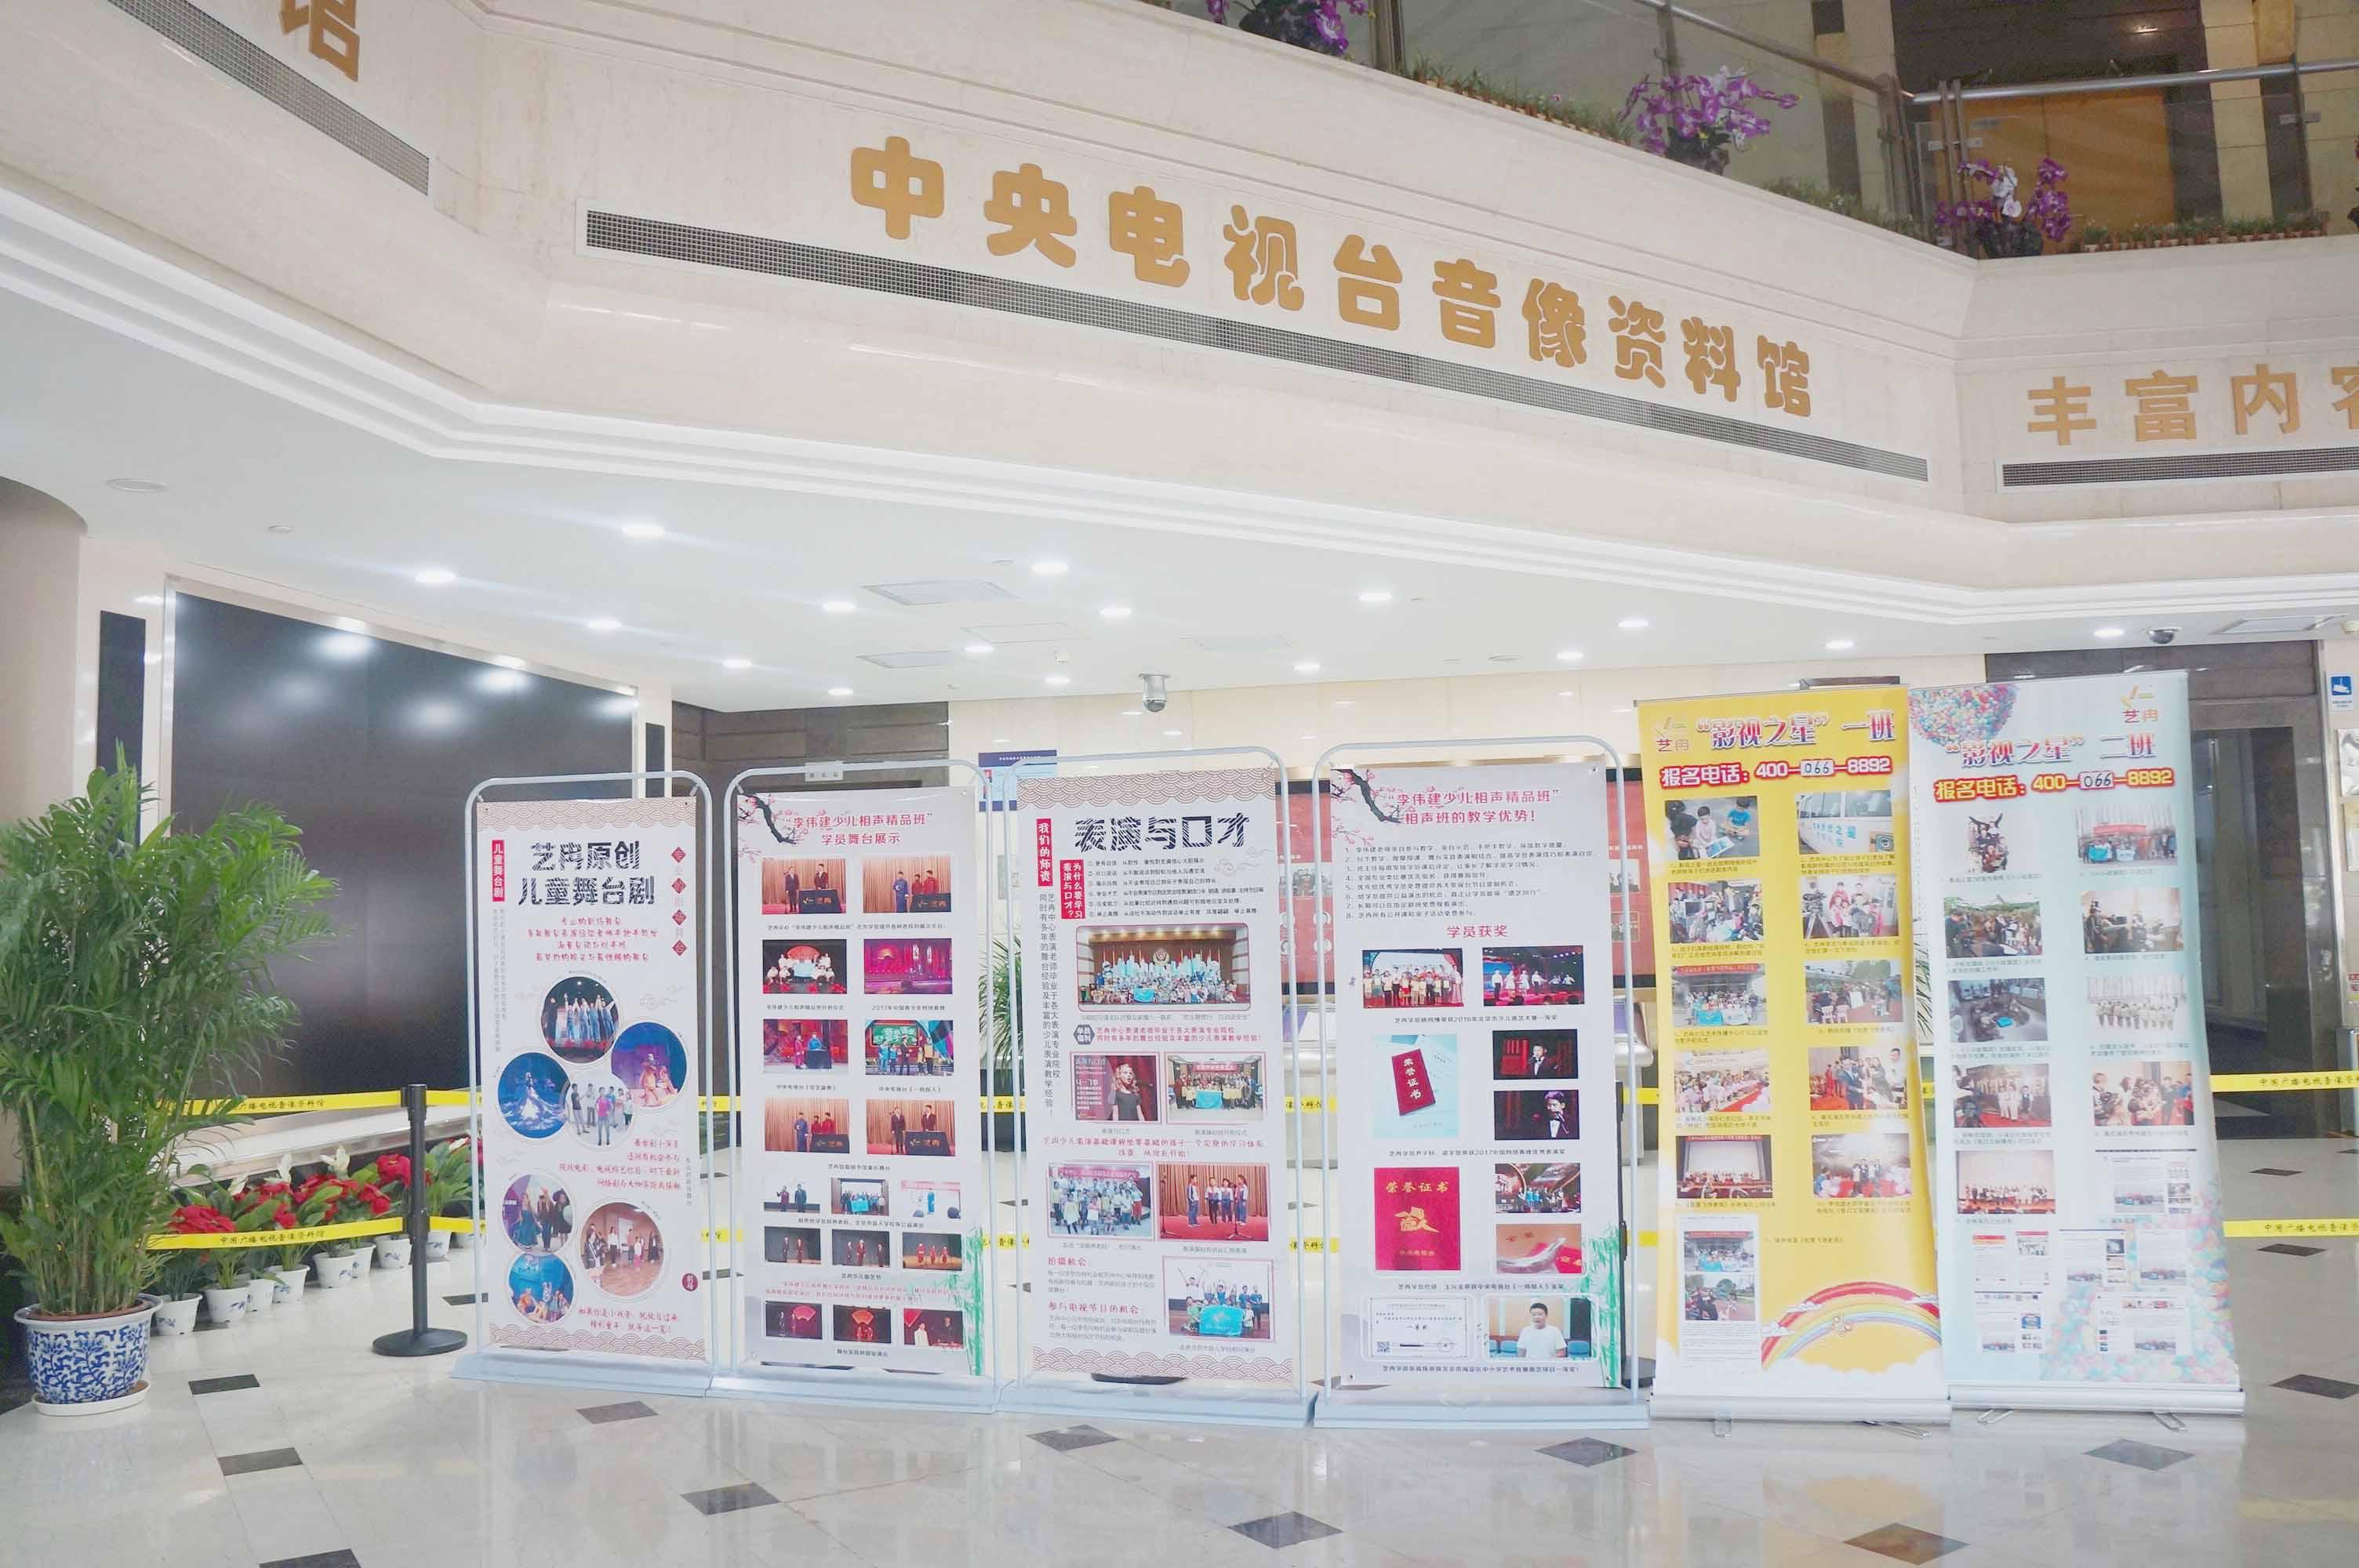 艺冉少儿艺术传播中心一楼大厅展示(2)